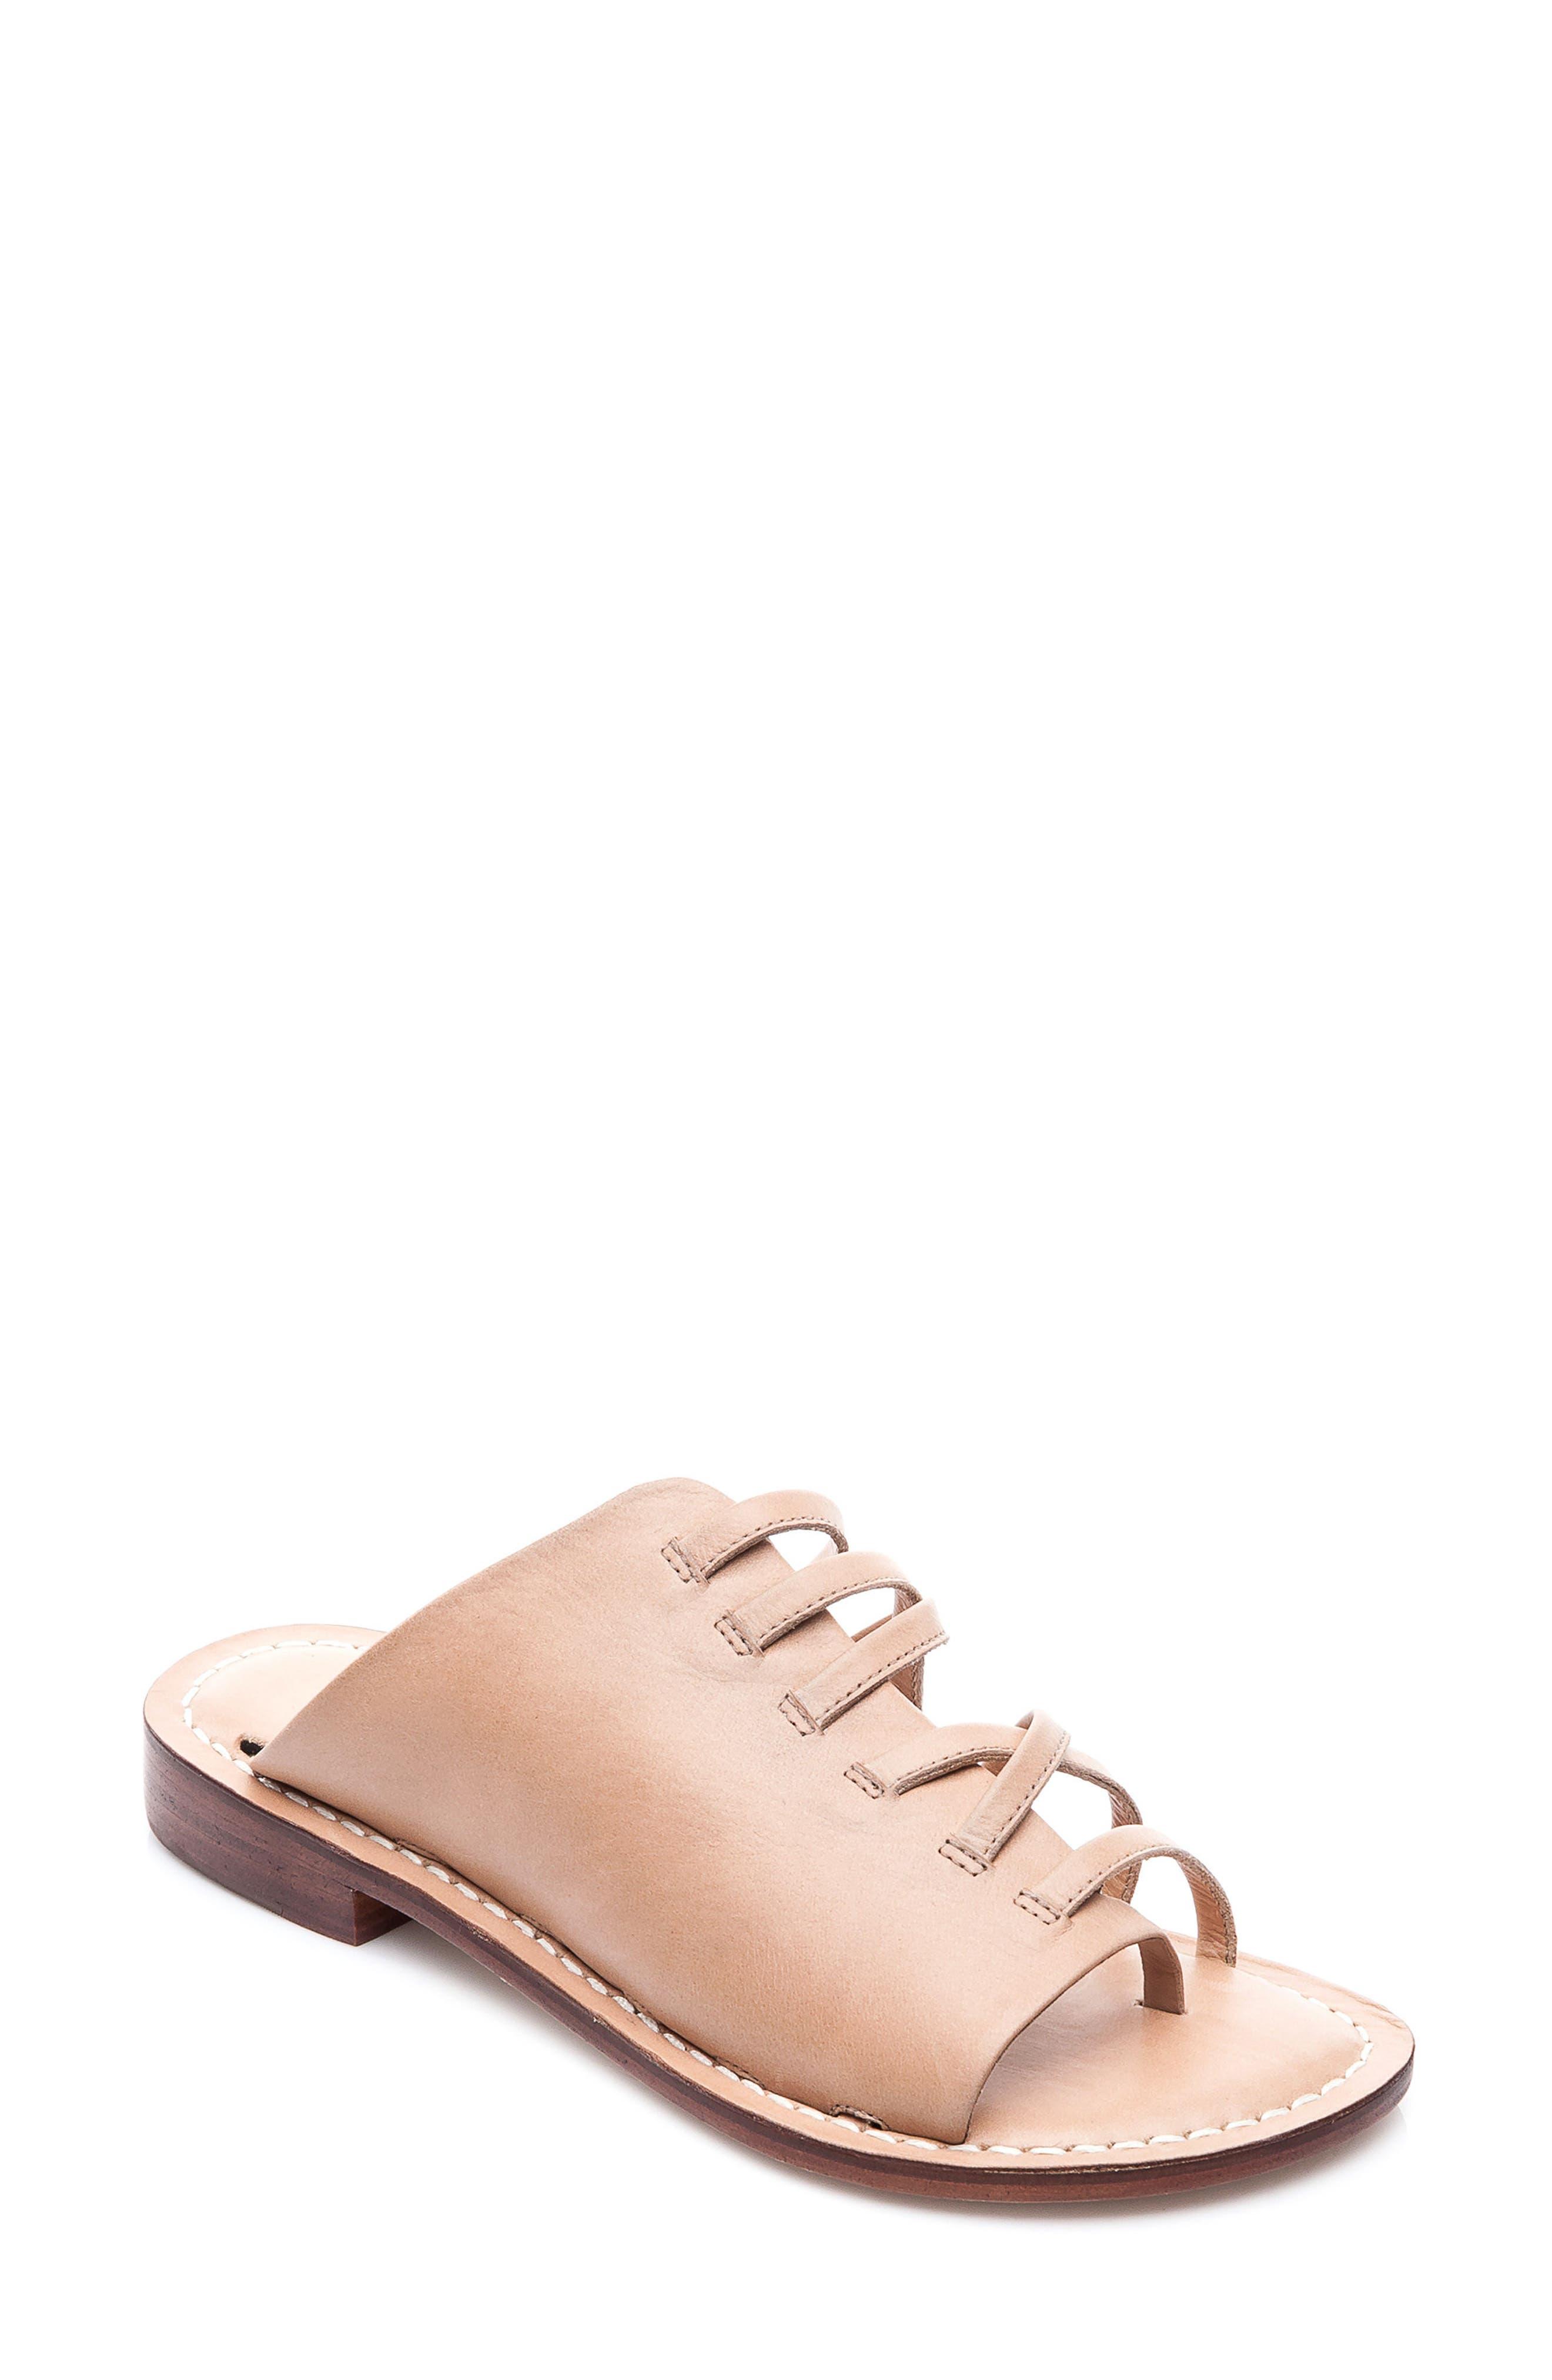 Bernardo Tori Slide Sandal,                             Main thumbnail 1, color,                             Light Camel Leather